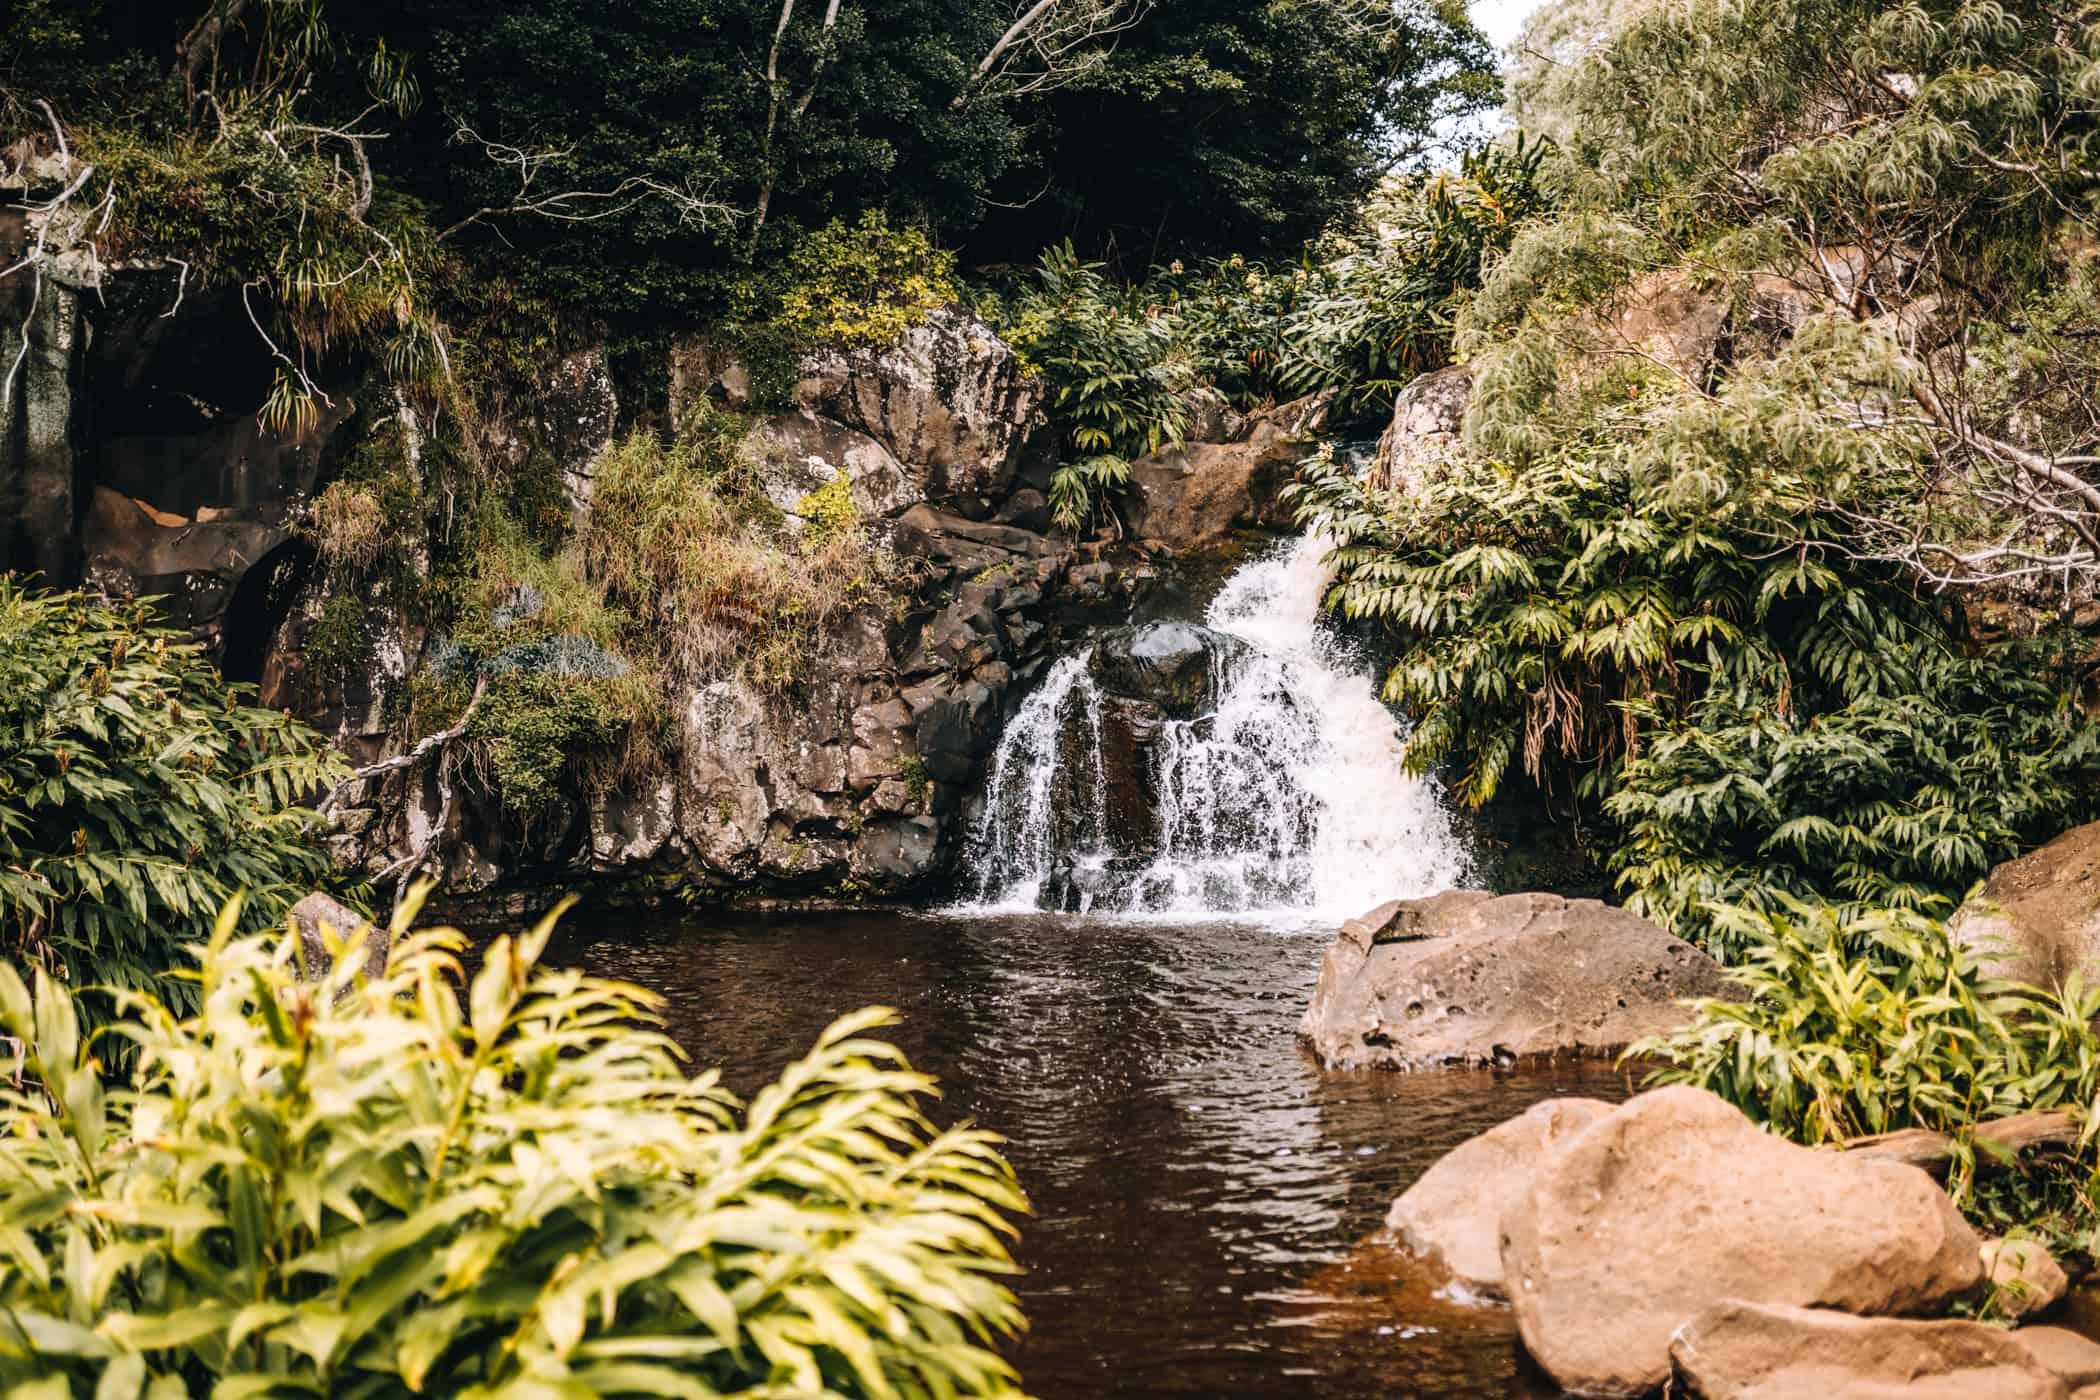 Kauai - Strände, Wandern & Ausflugsziele: Waimea Canyon Trail / Waipo Falls Trail